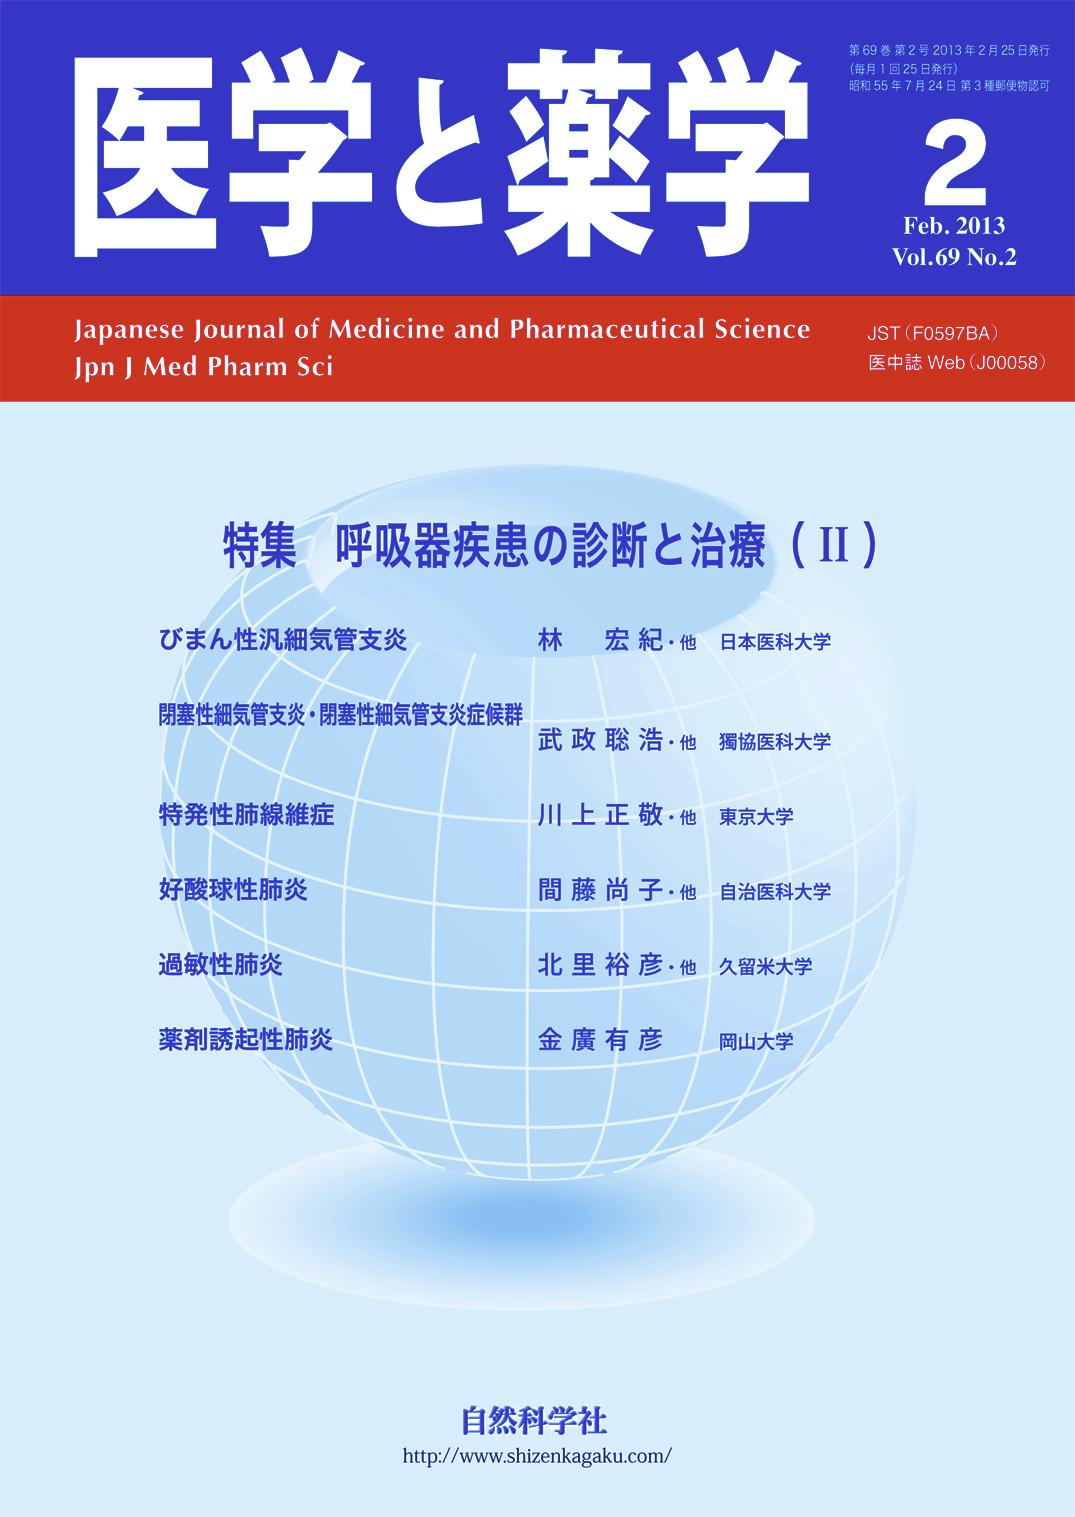 医学と薬学 69巻2号2013年2月